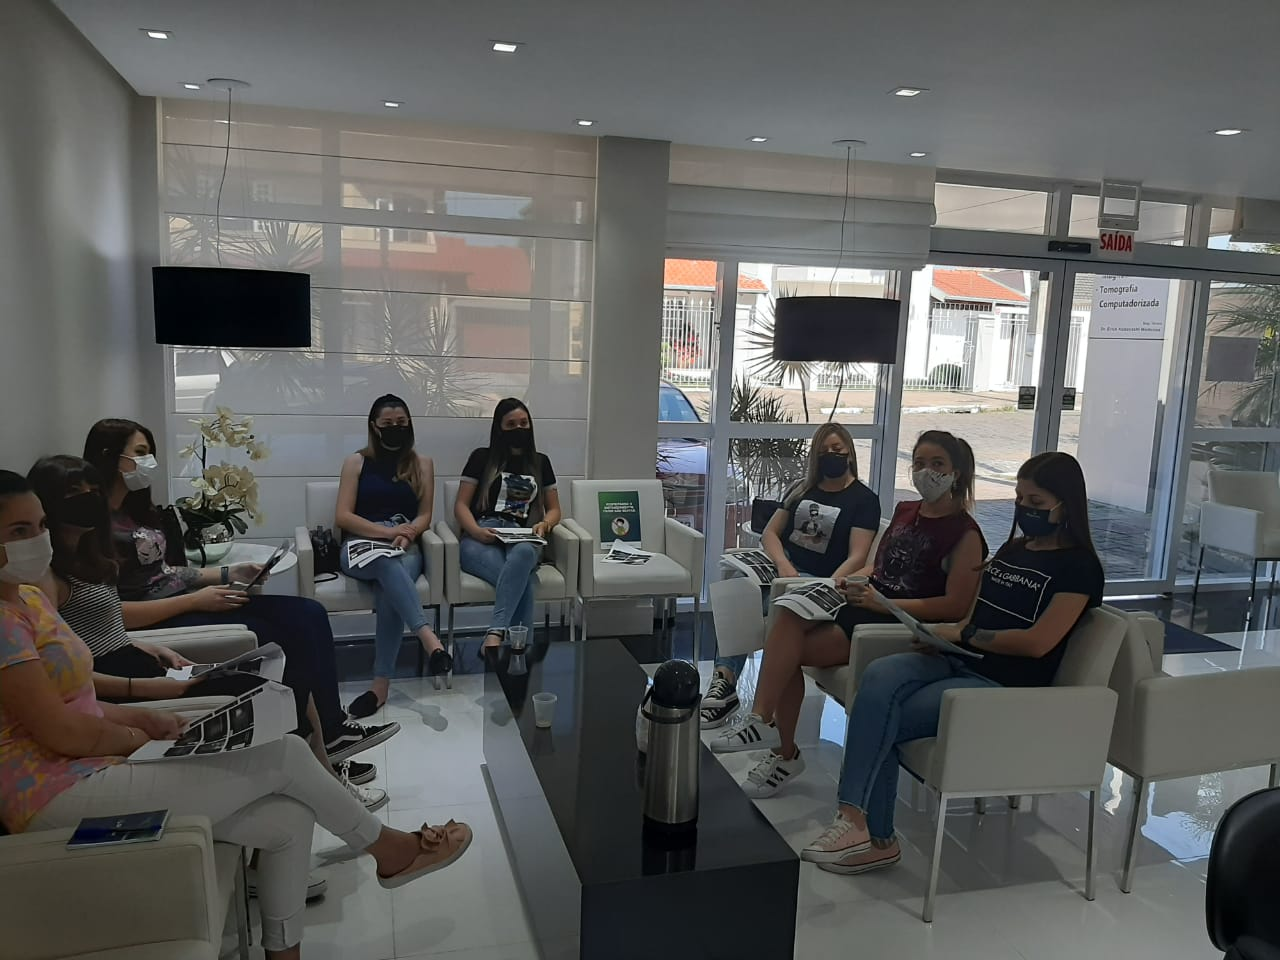 Colaboradores das Clínicas Digimax participam de workshop sobre Excelência no Atendimento, Atendimento Humanizado e Acolhimento e Liderança com Excelência